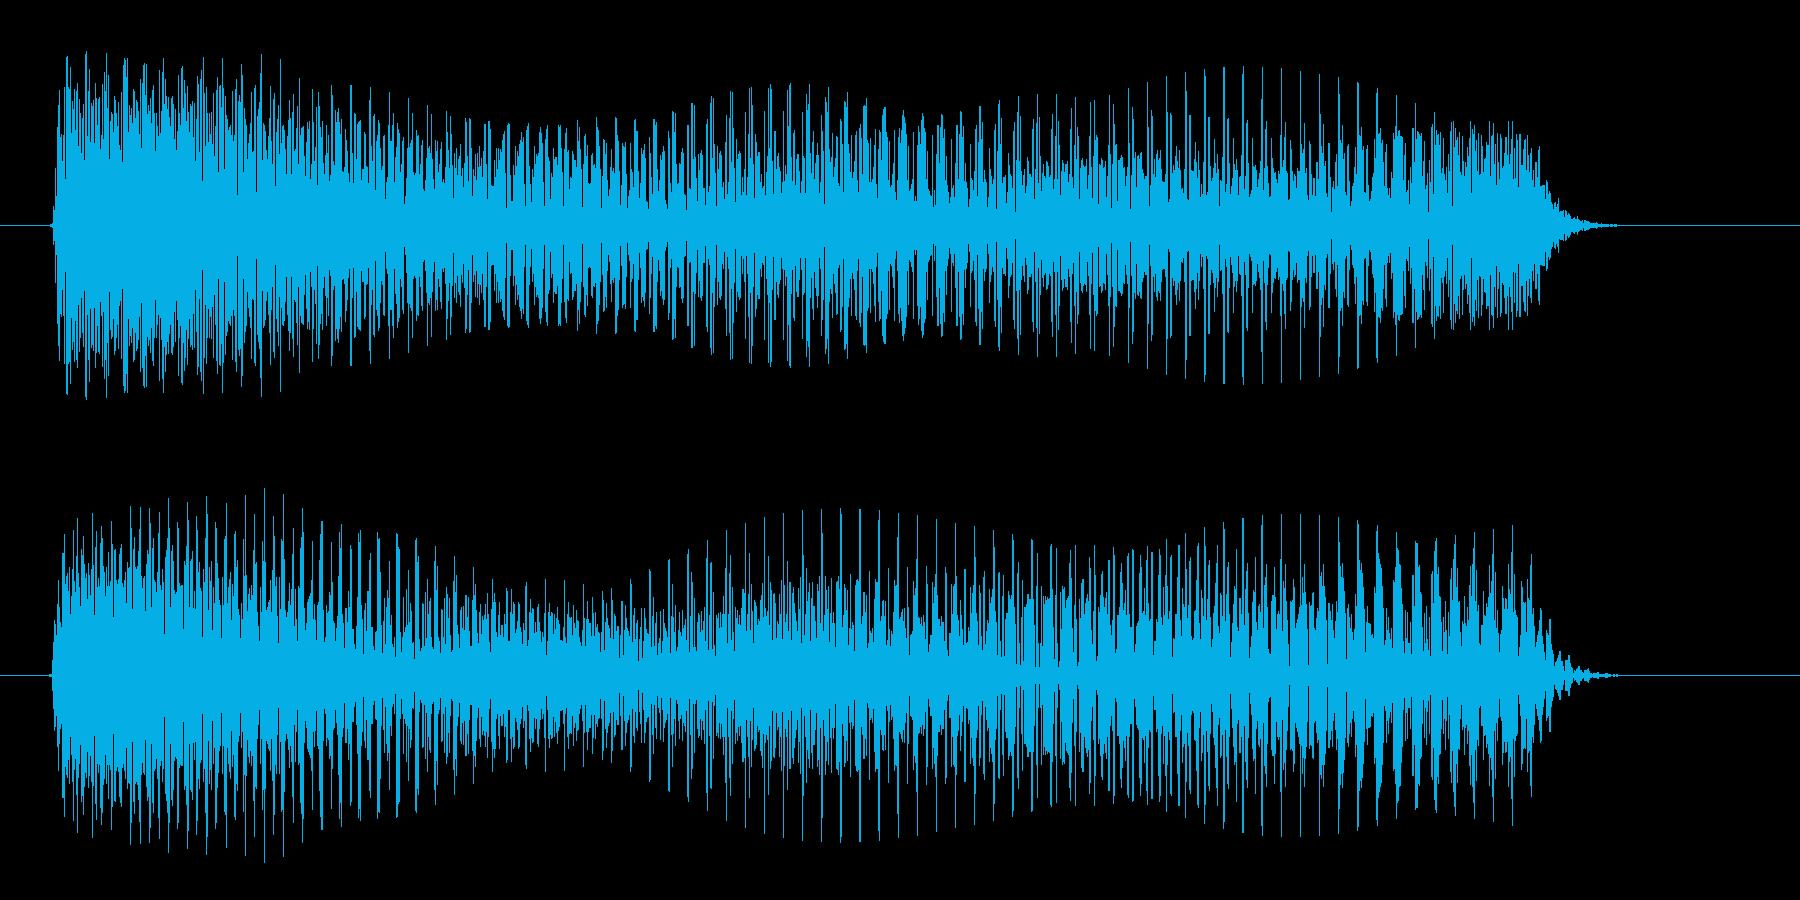 ドゥワンーの再生済みの波形